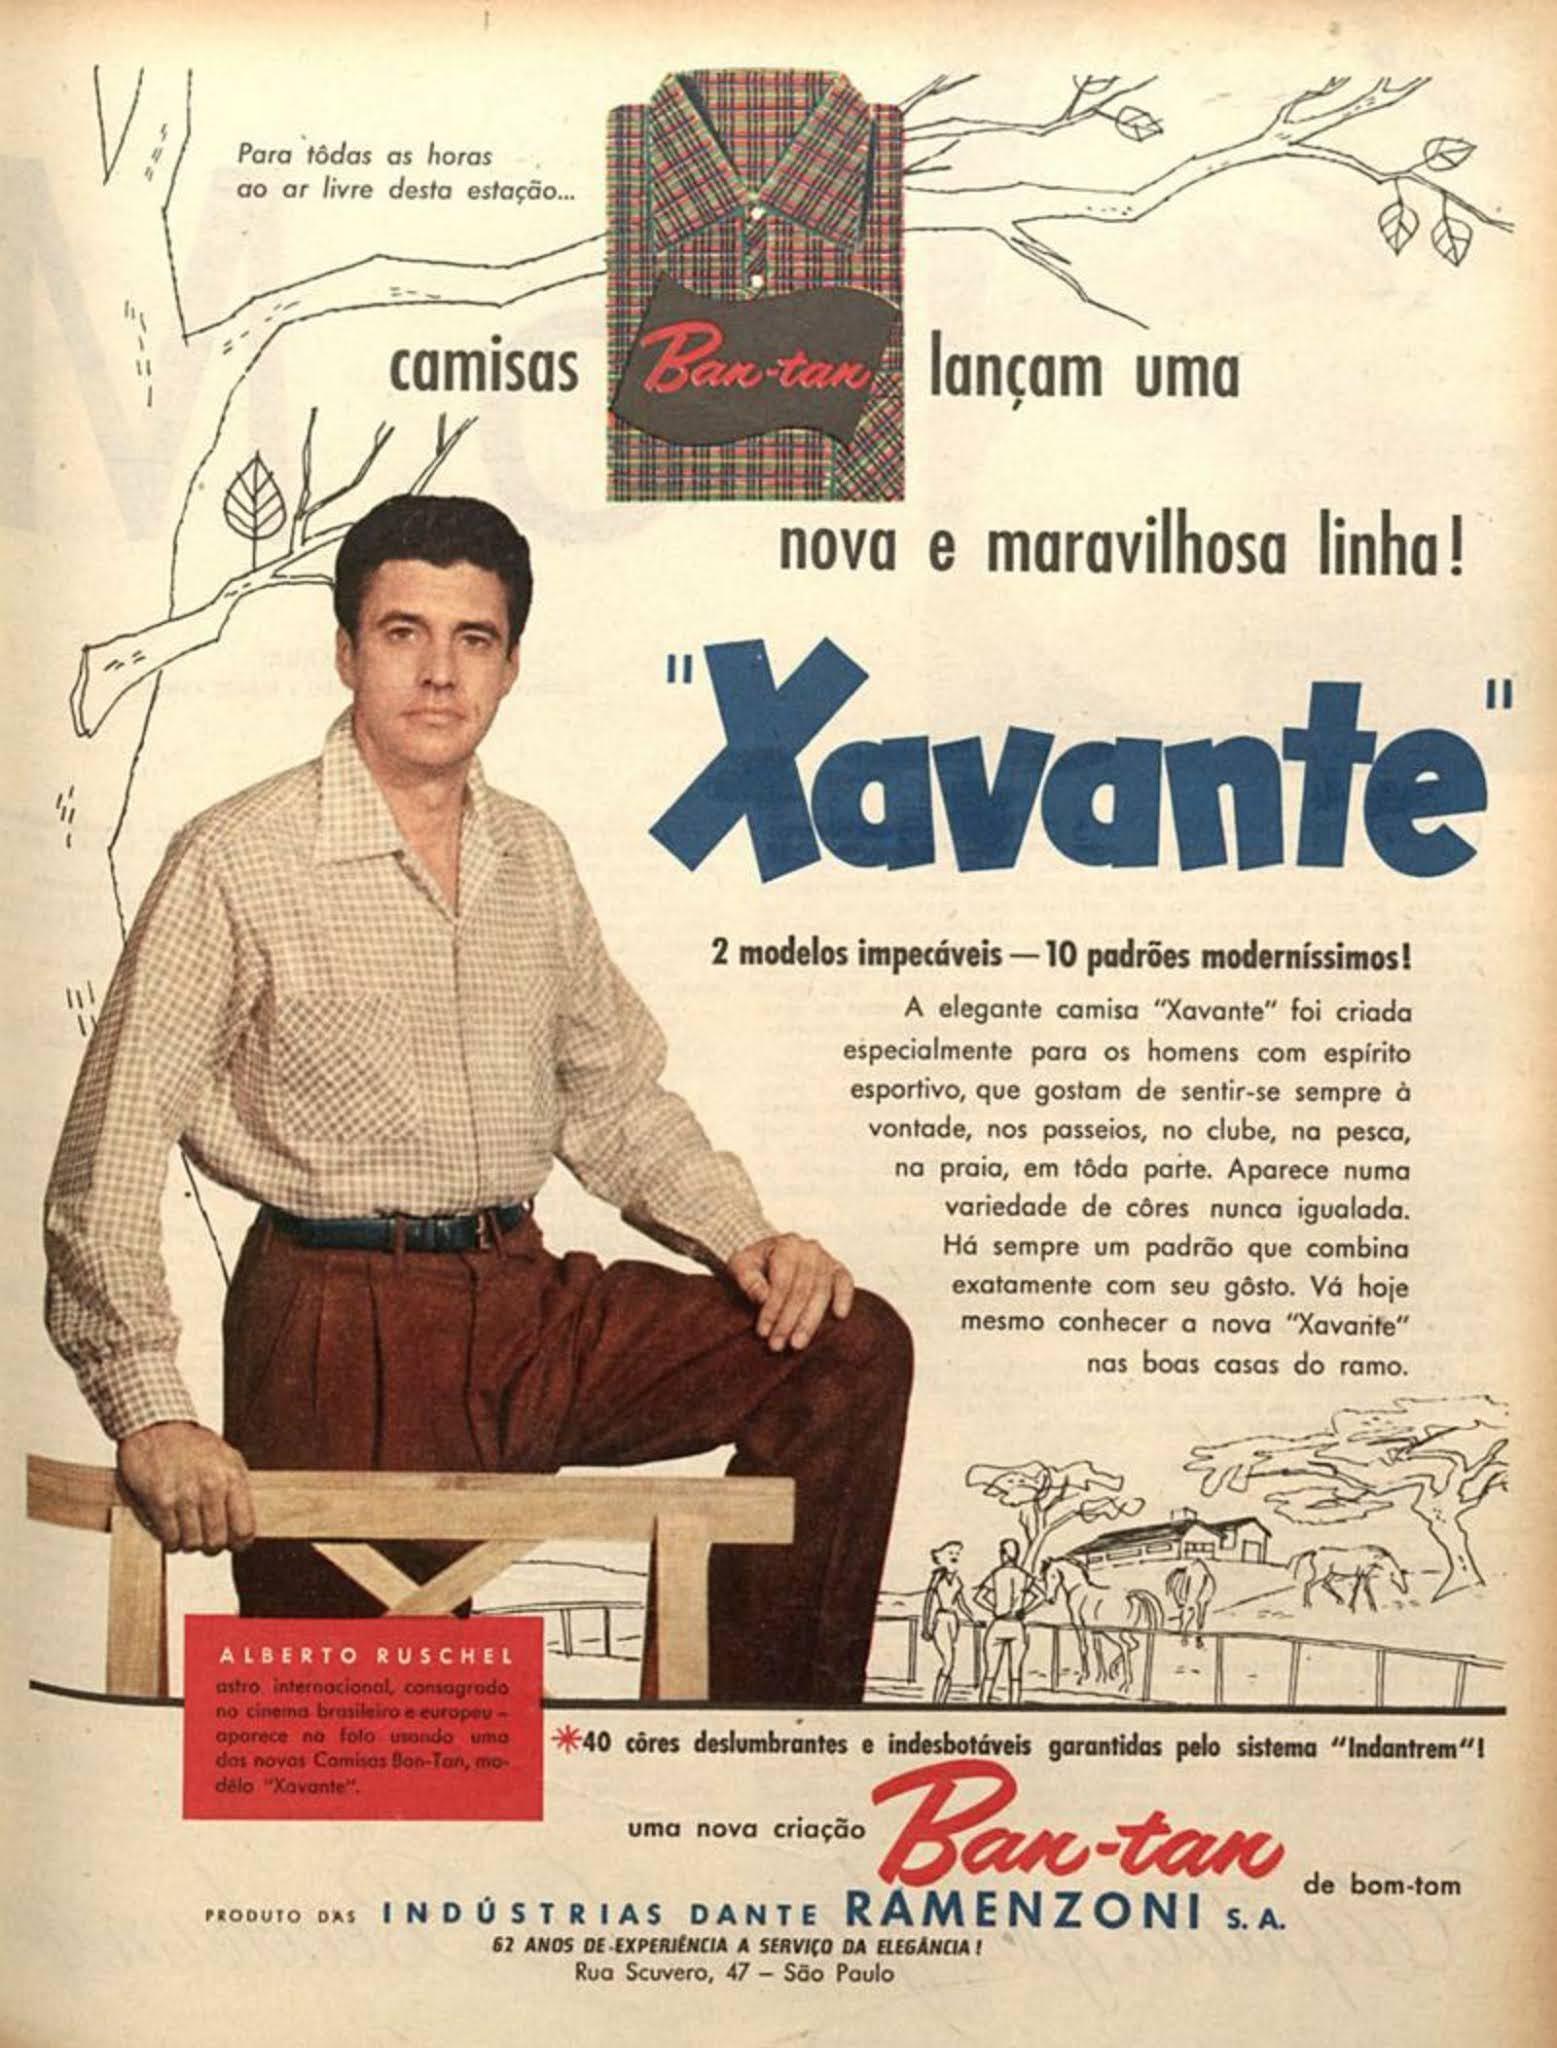 Anúncio antigo das Camisas Xavante veiculada em 1956